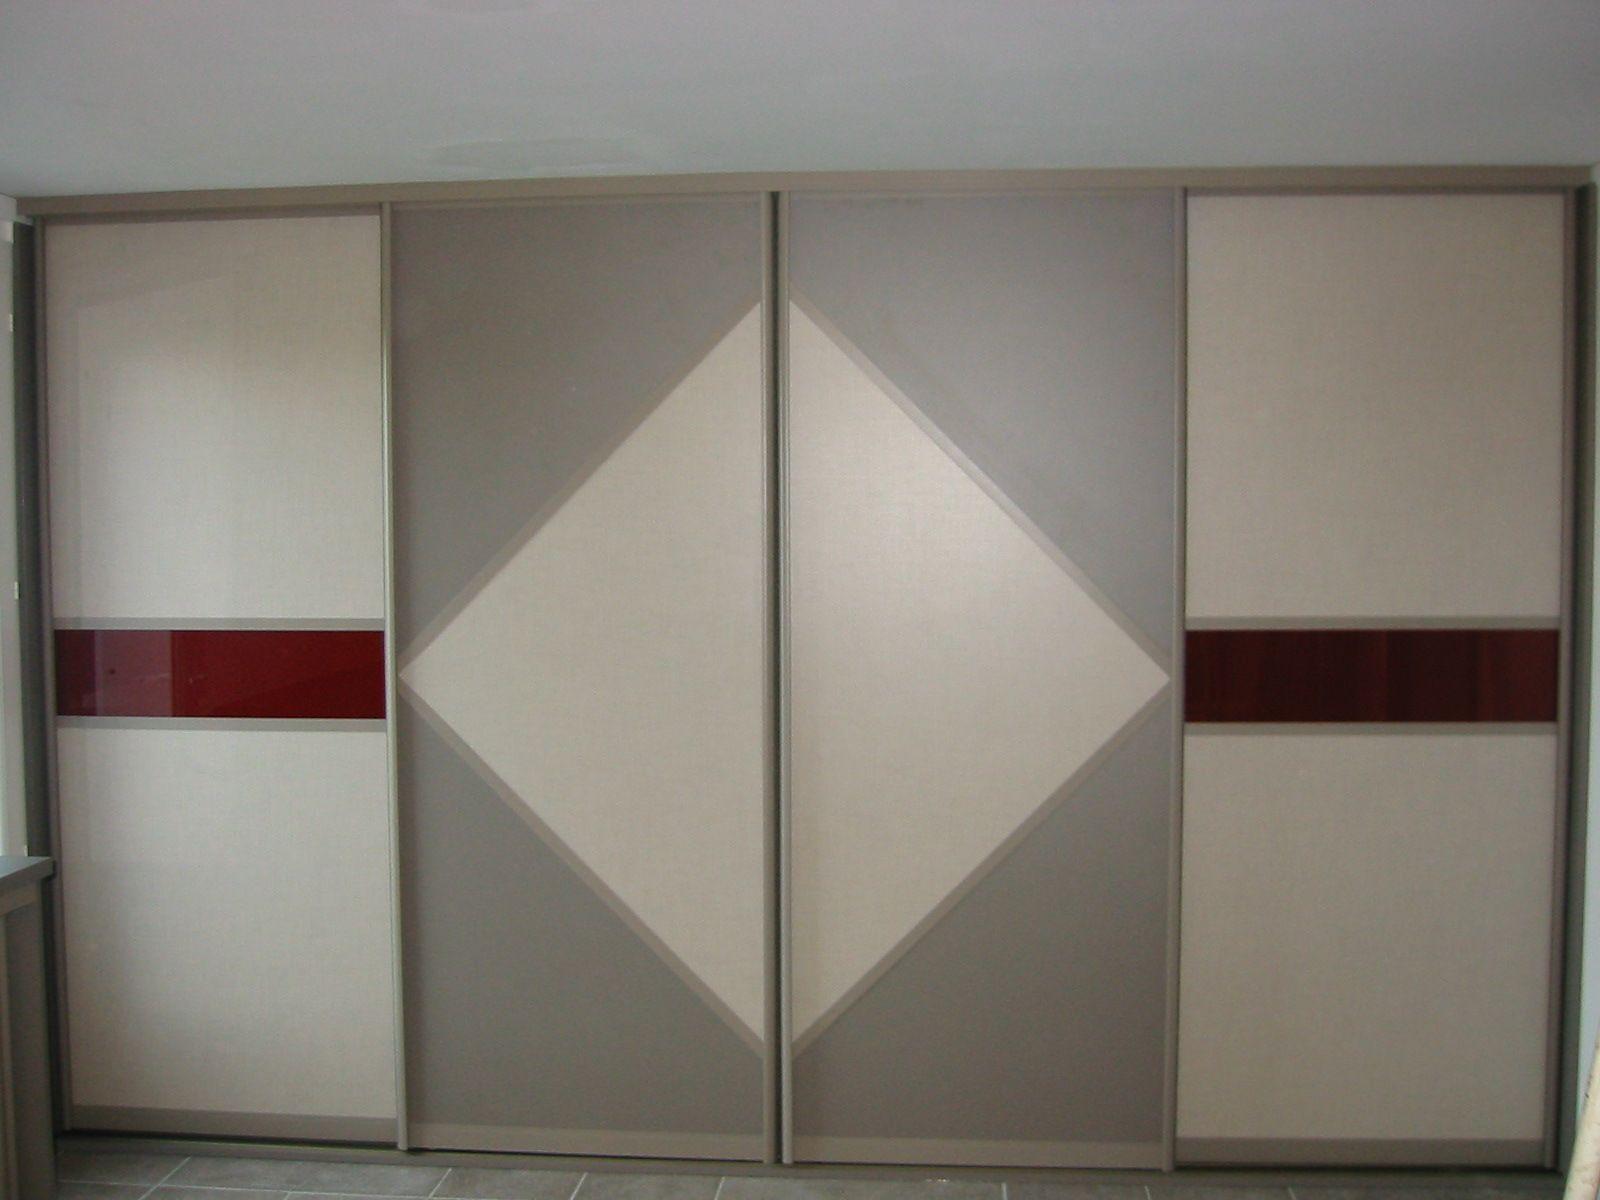 Porte de placard  motif géométrique Archea bayonne